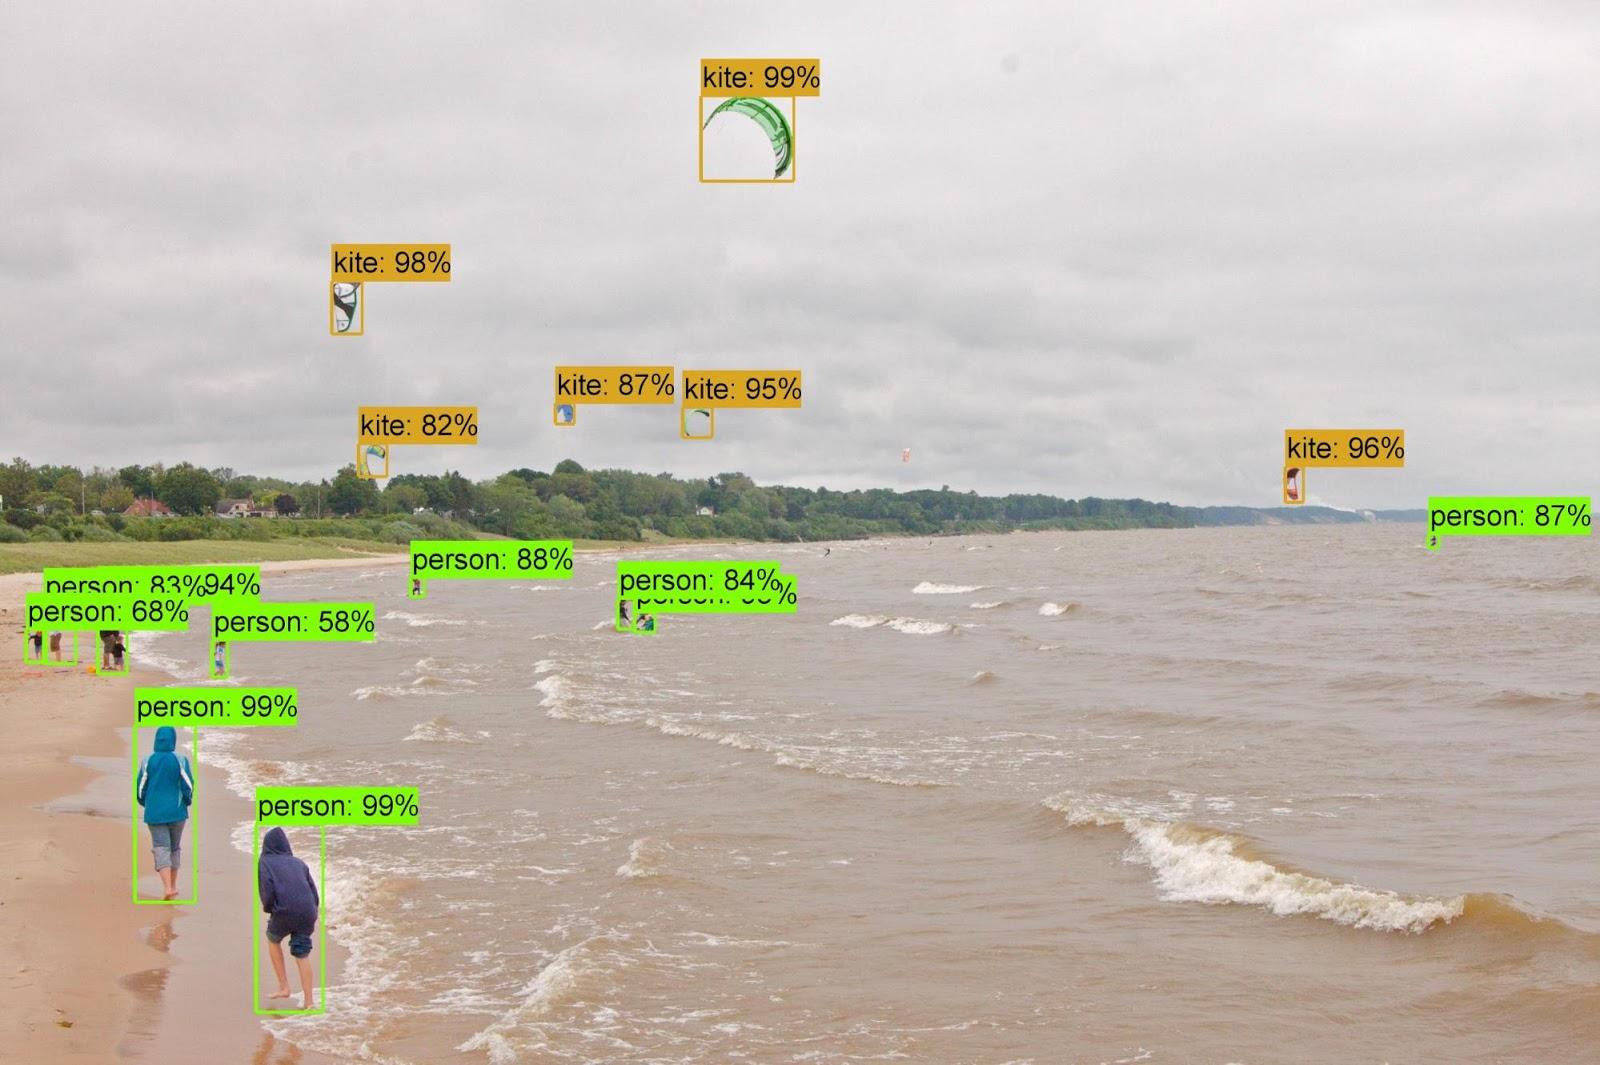 figures/ia/google_vision.jpg